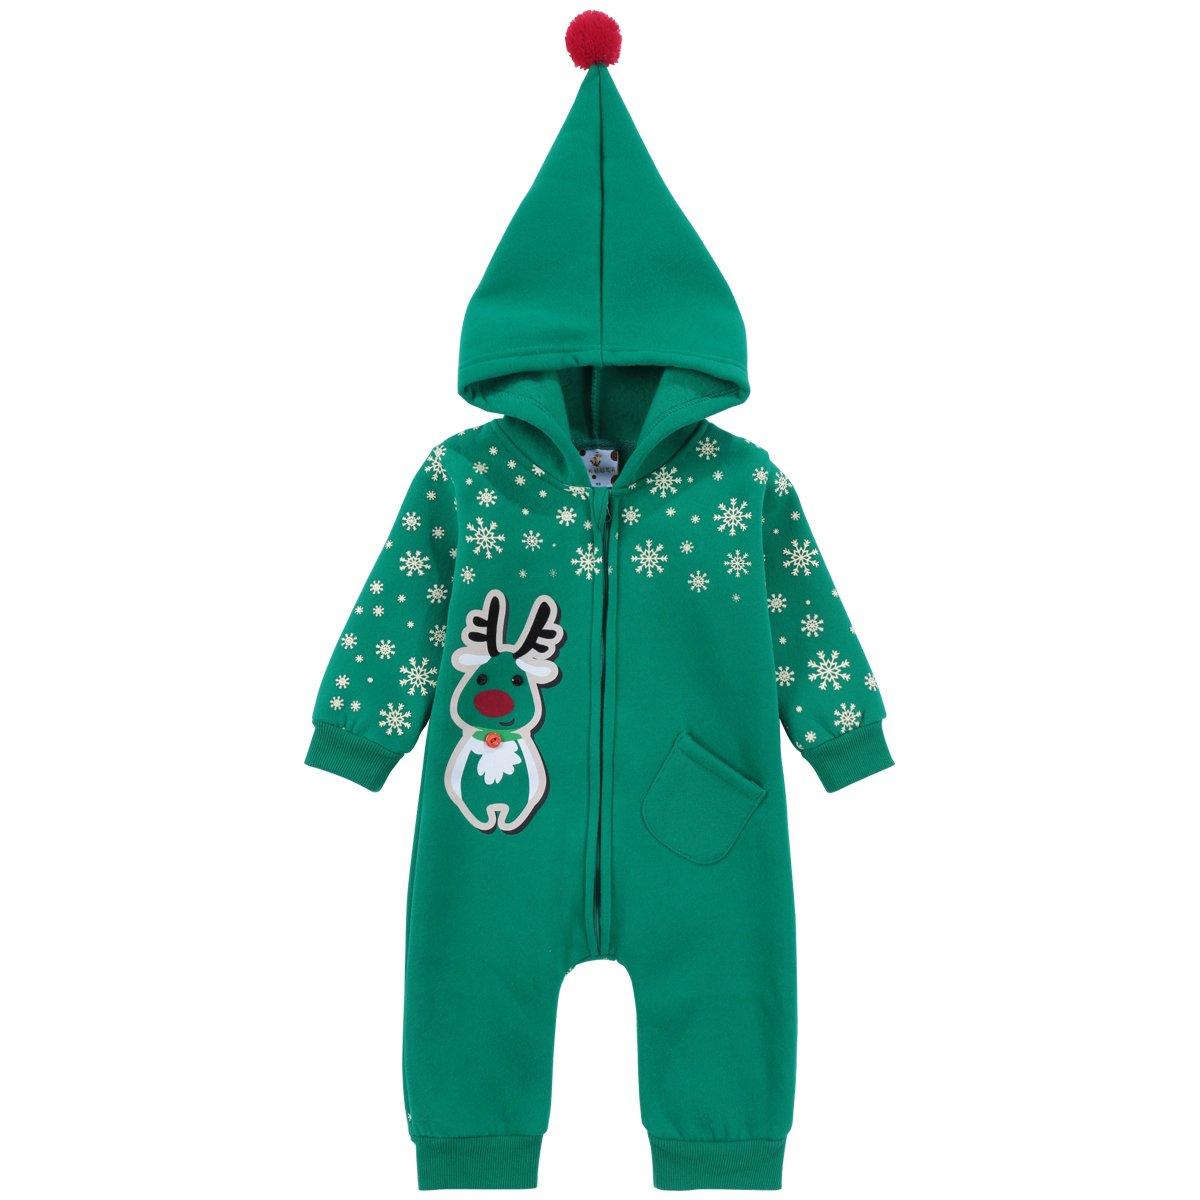 Famuka Baby Weihnachten Strampler Neugeborene Babykleidung Weihnachtsoutfit